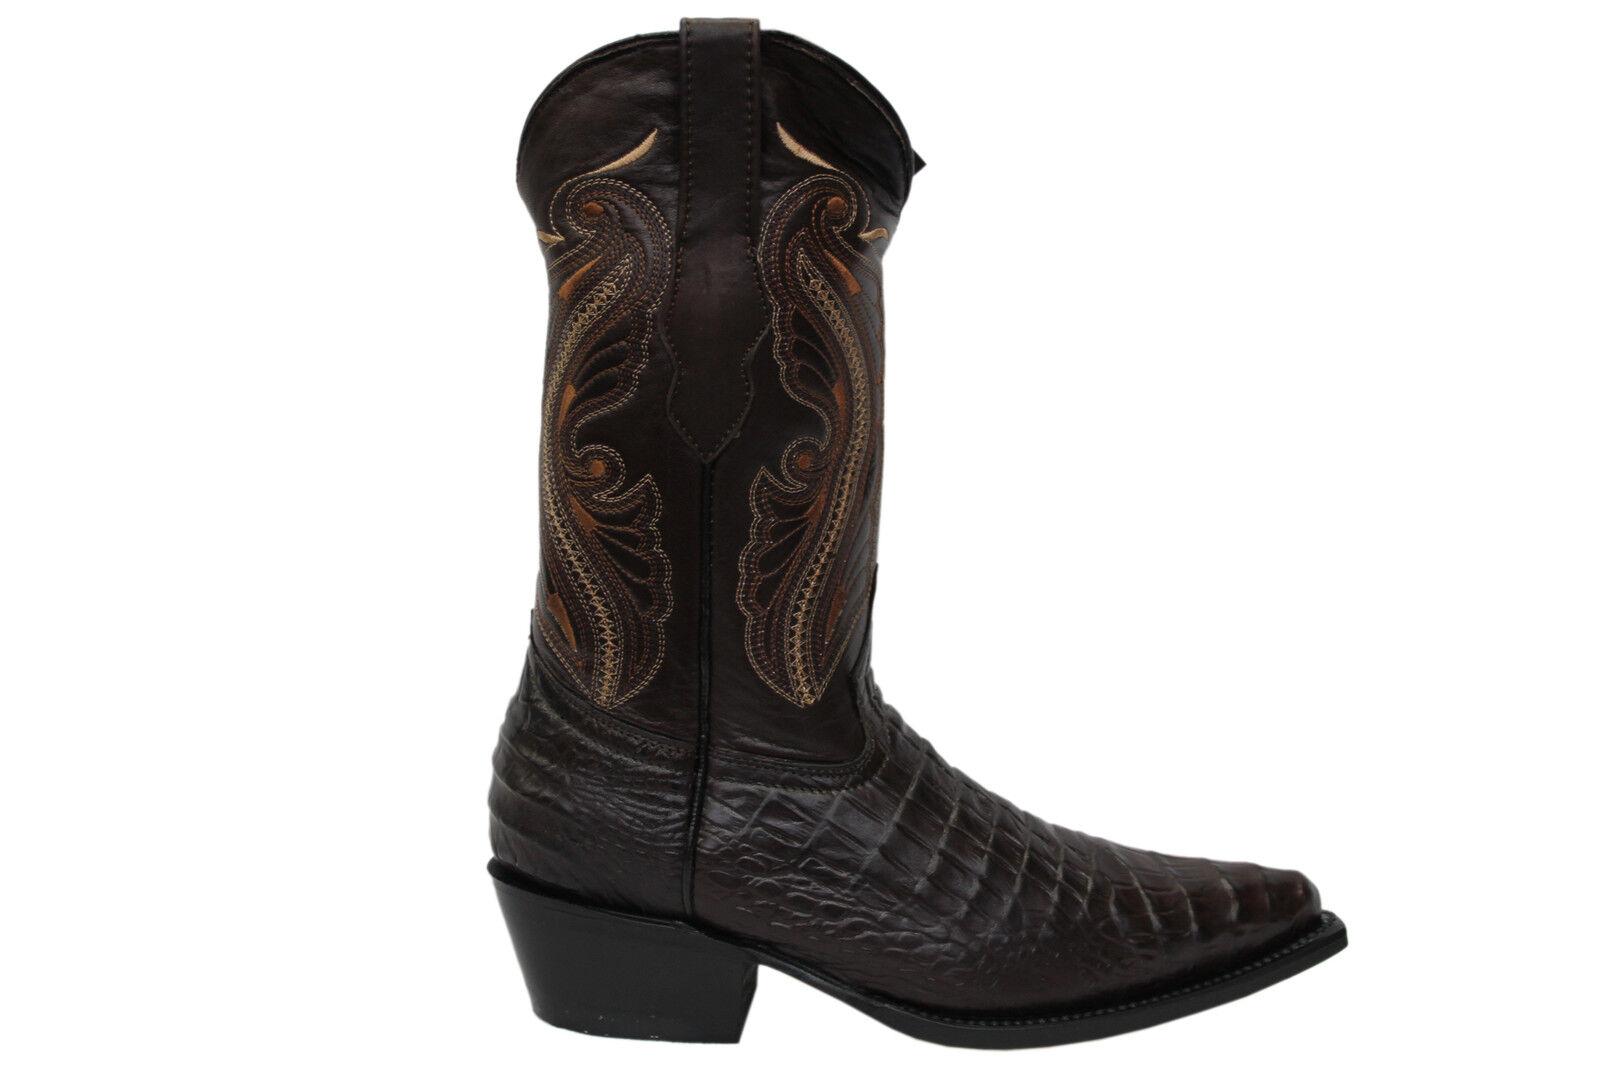 Molinos Para Mujer Indiana Marrón De Cuero Real Cowboy Western señalado Botas De Punta